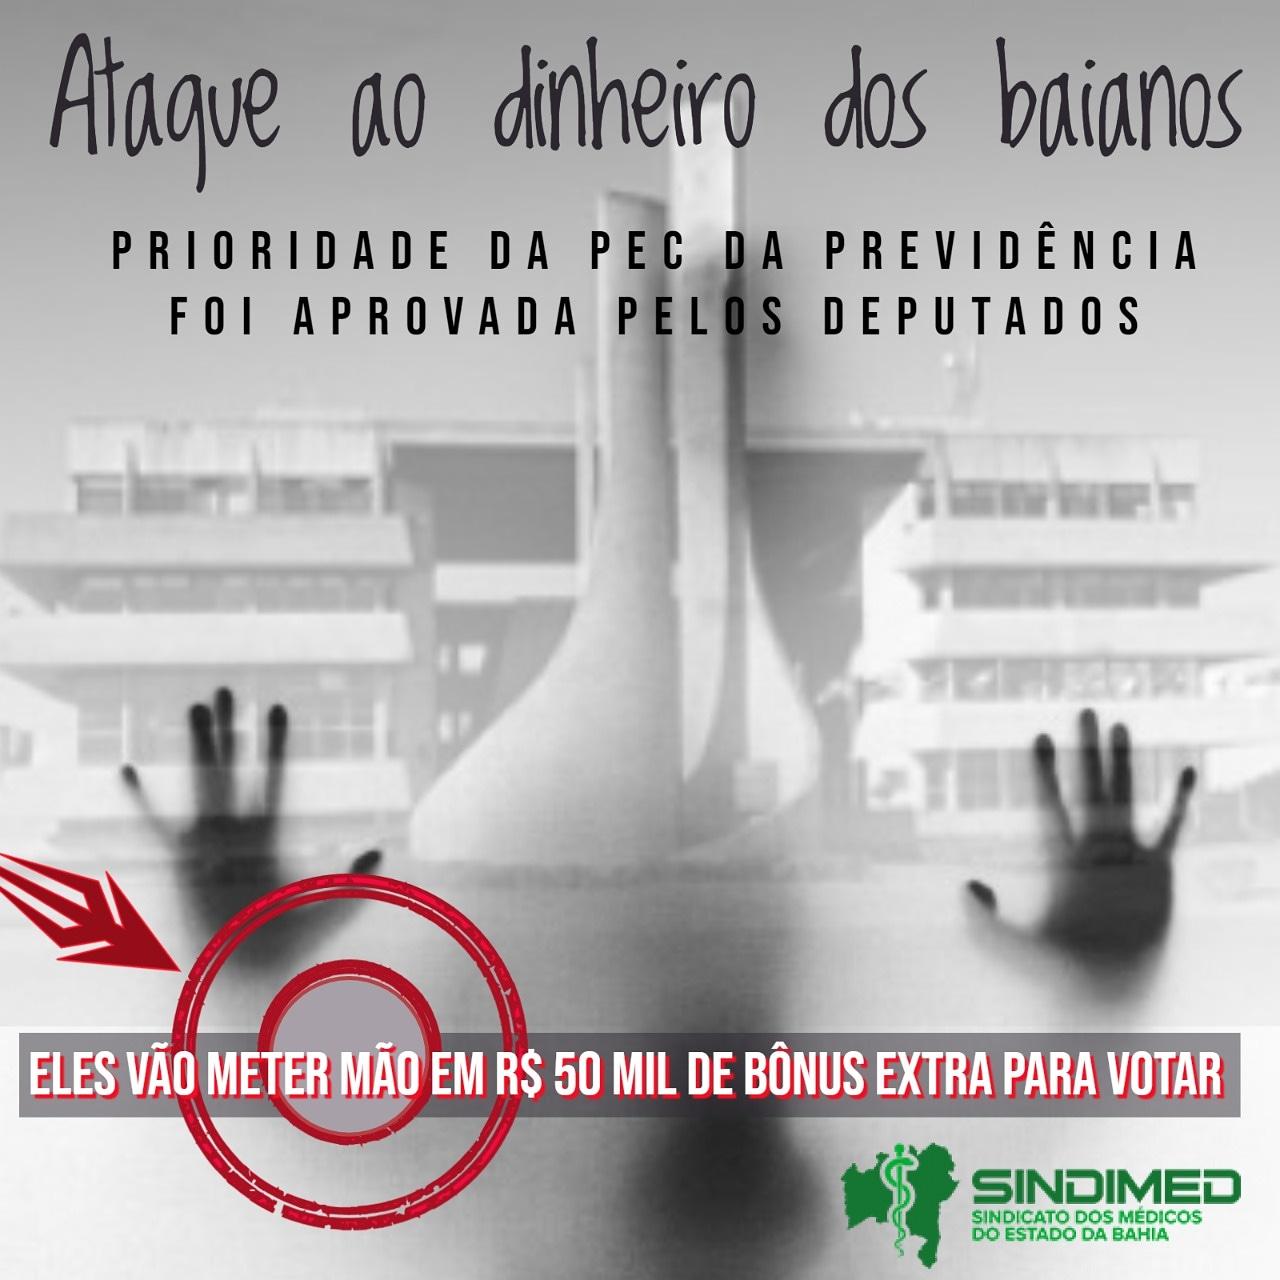 Deputados recebem 50.000 extra para votar a PEC da Previdência. ao dinheiro dos baianos